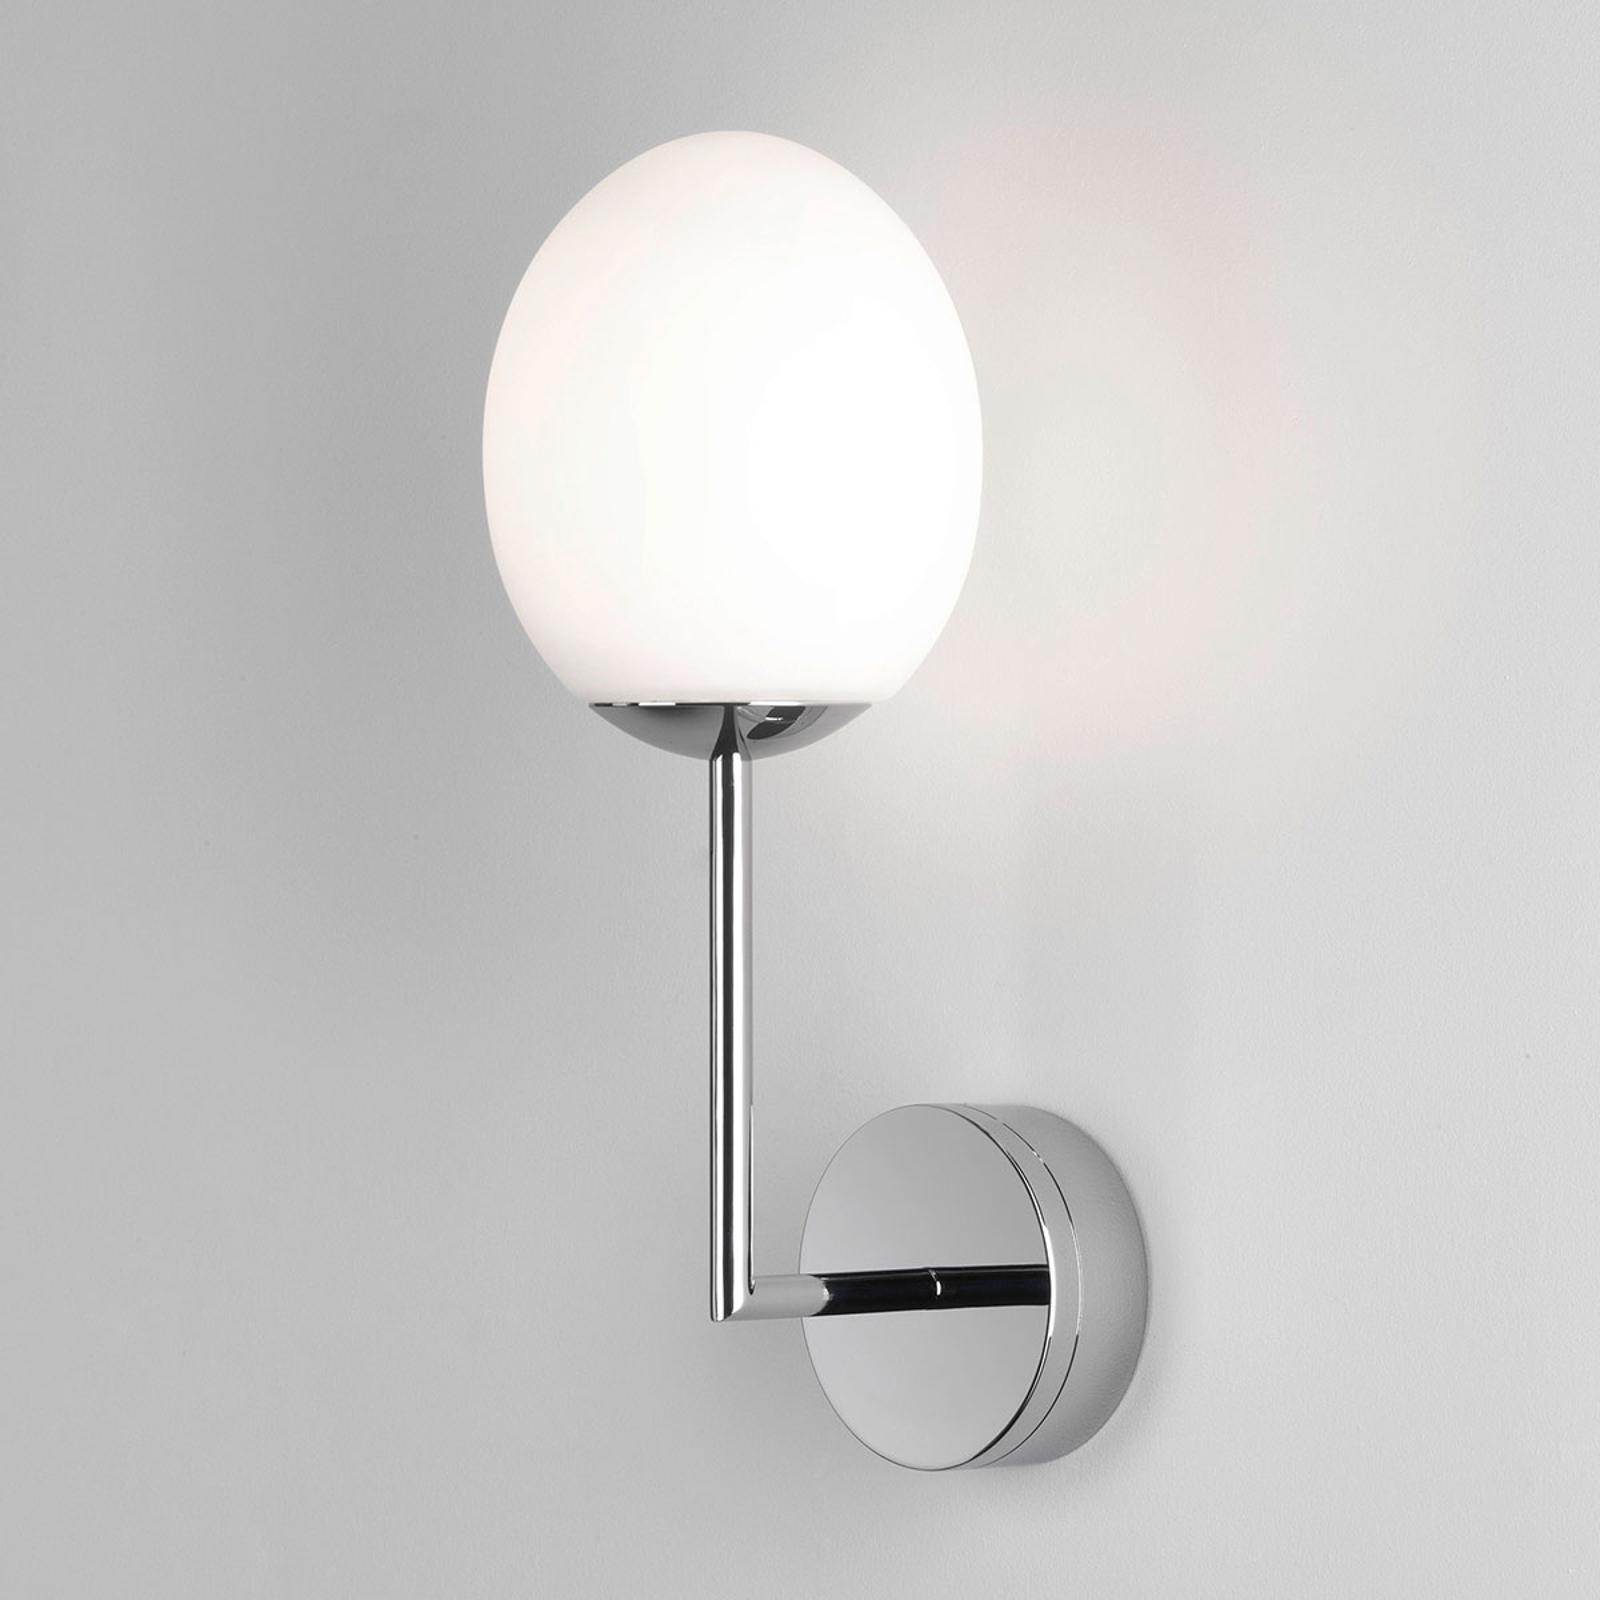 Astro Kiwi applique LED salle de bain, chromée